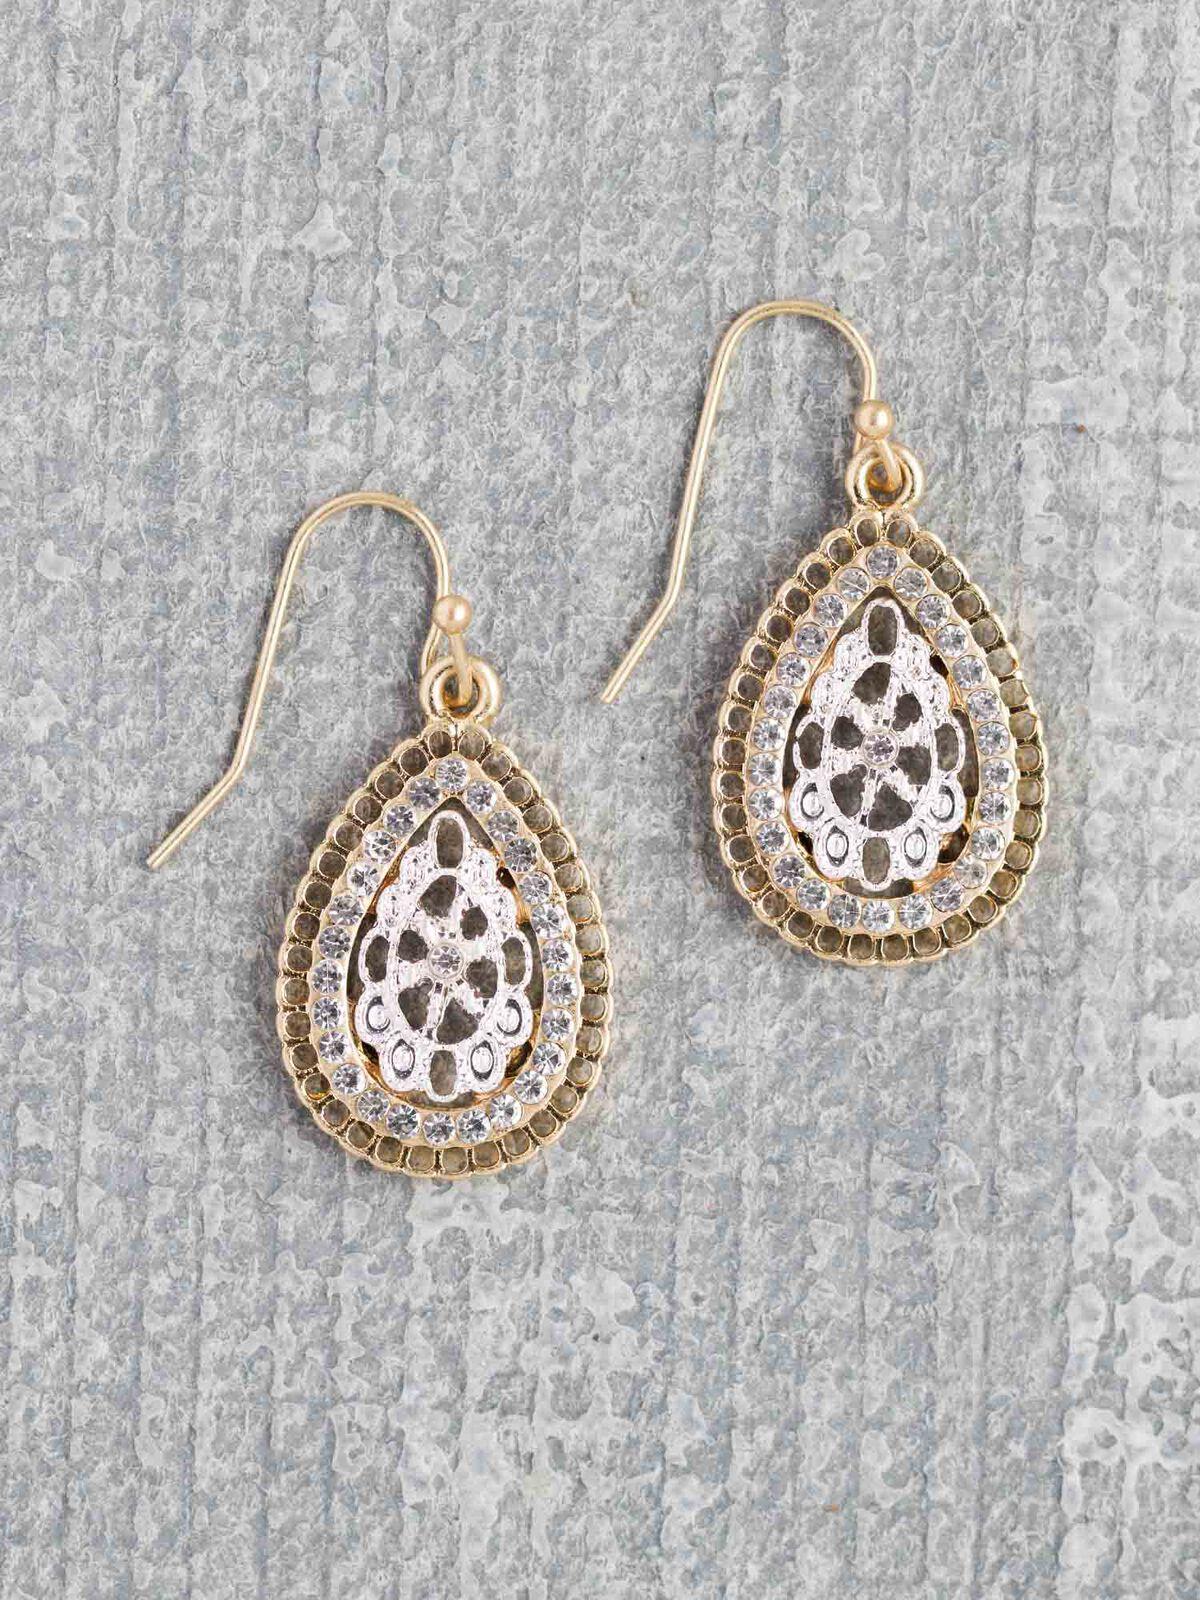 Marlyn Schiff Vintage Oval Earring